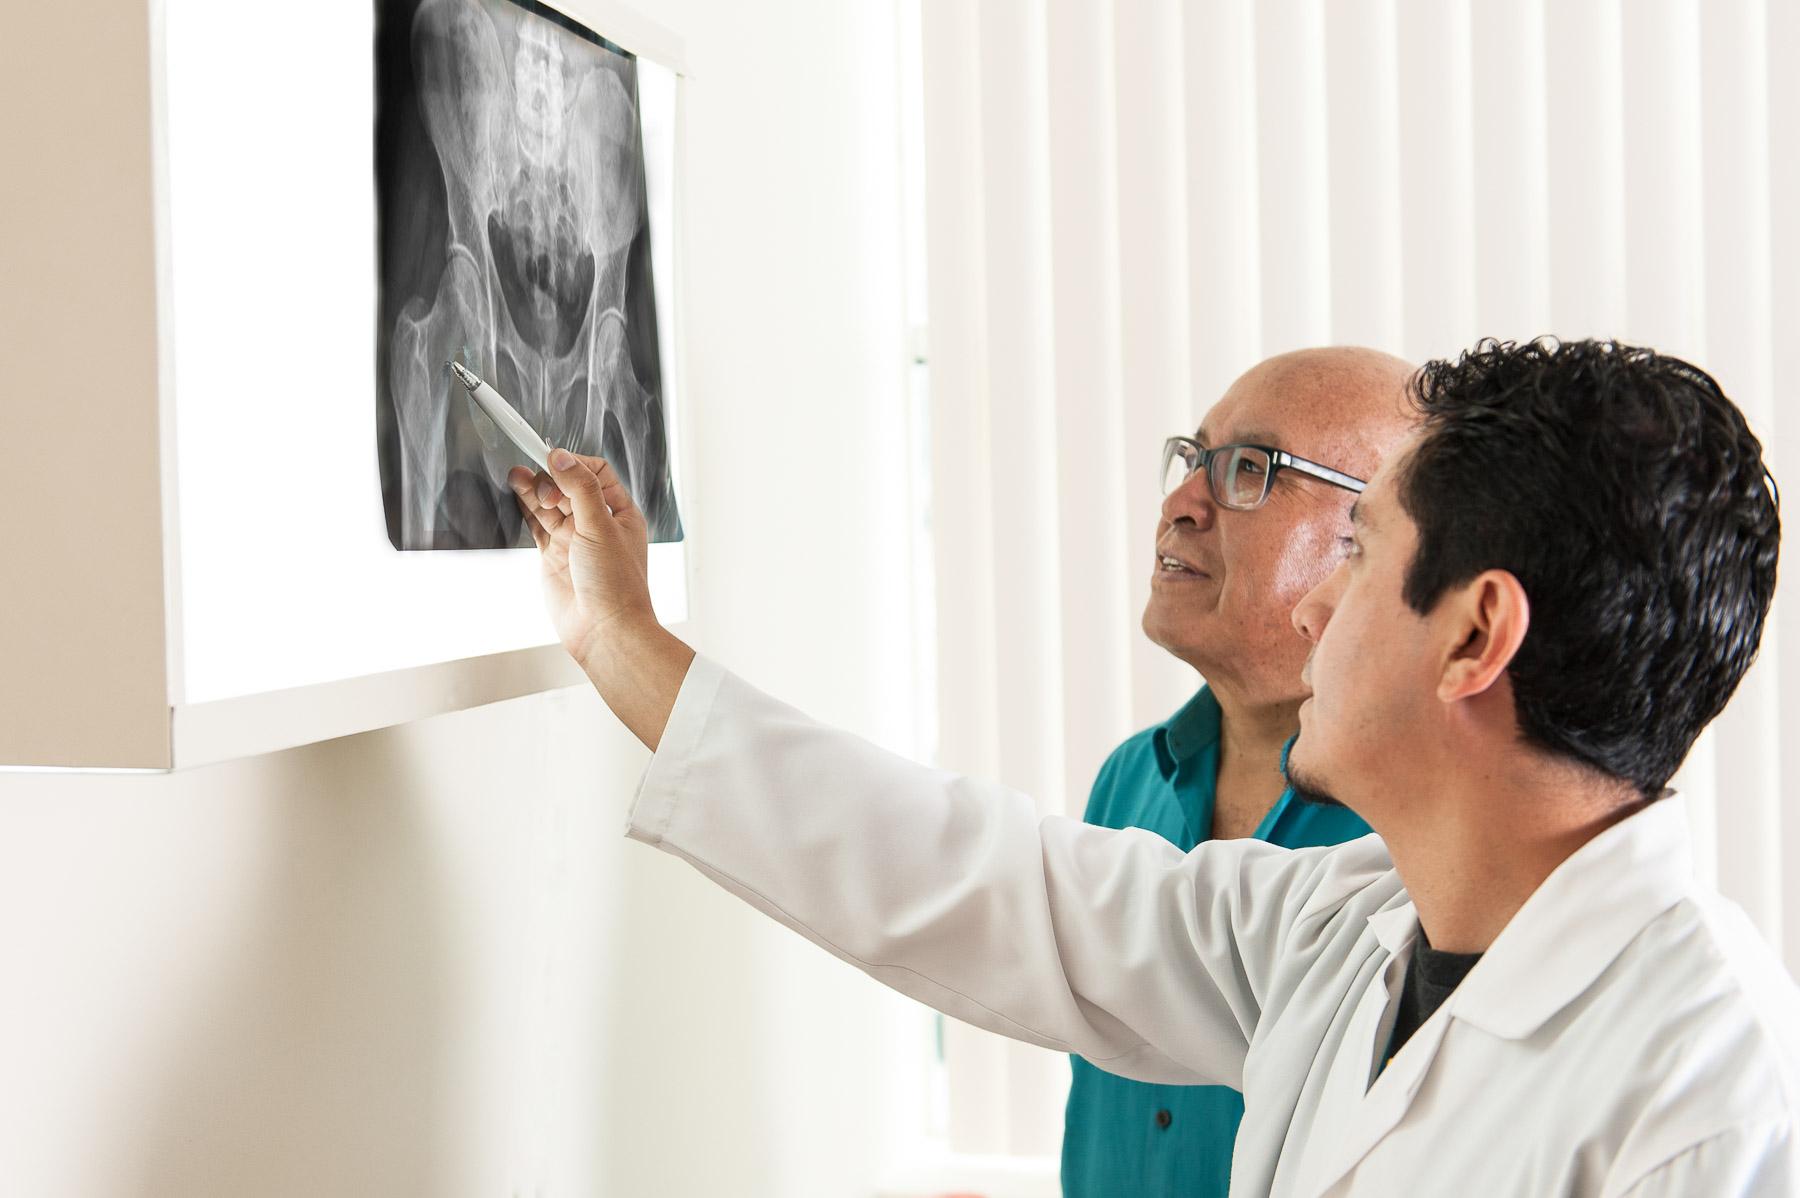 servicio de fotografía para clínicas y hospitales